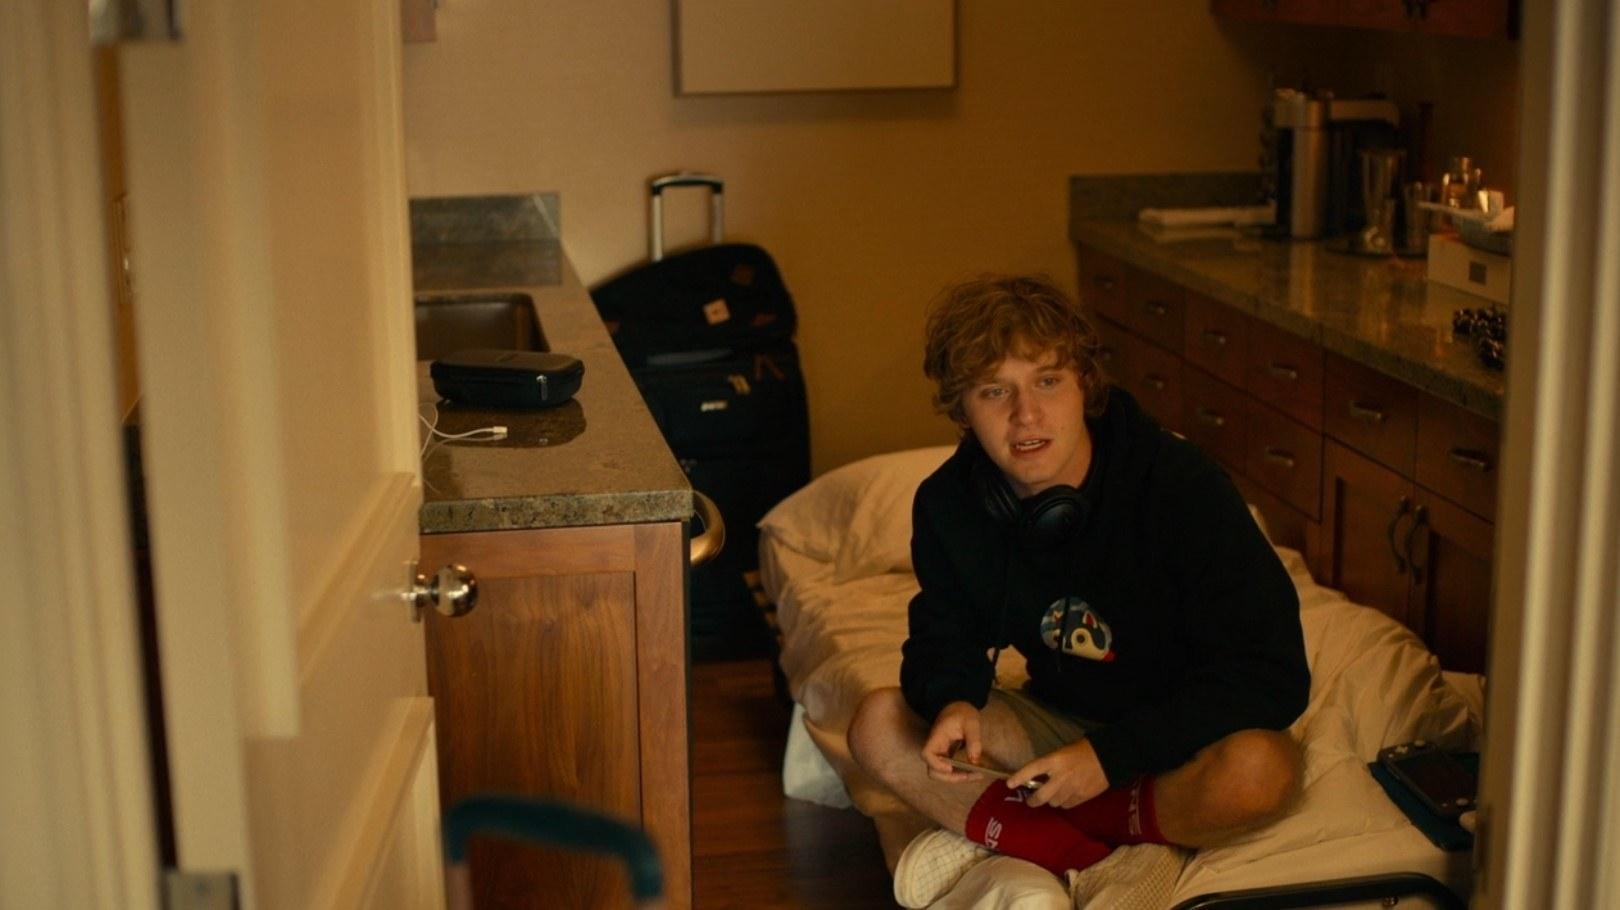 Quinn inside of kitchen